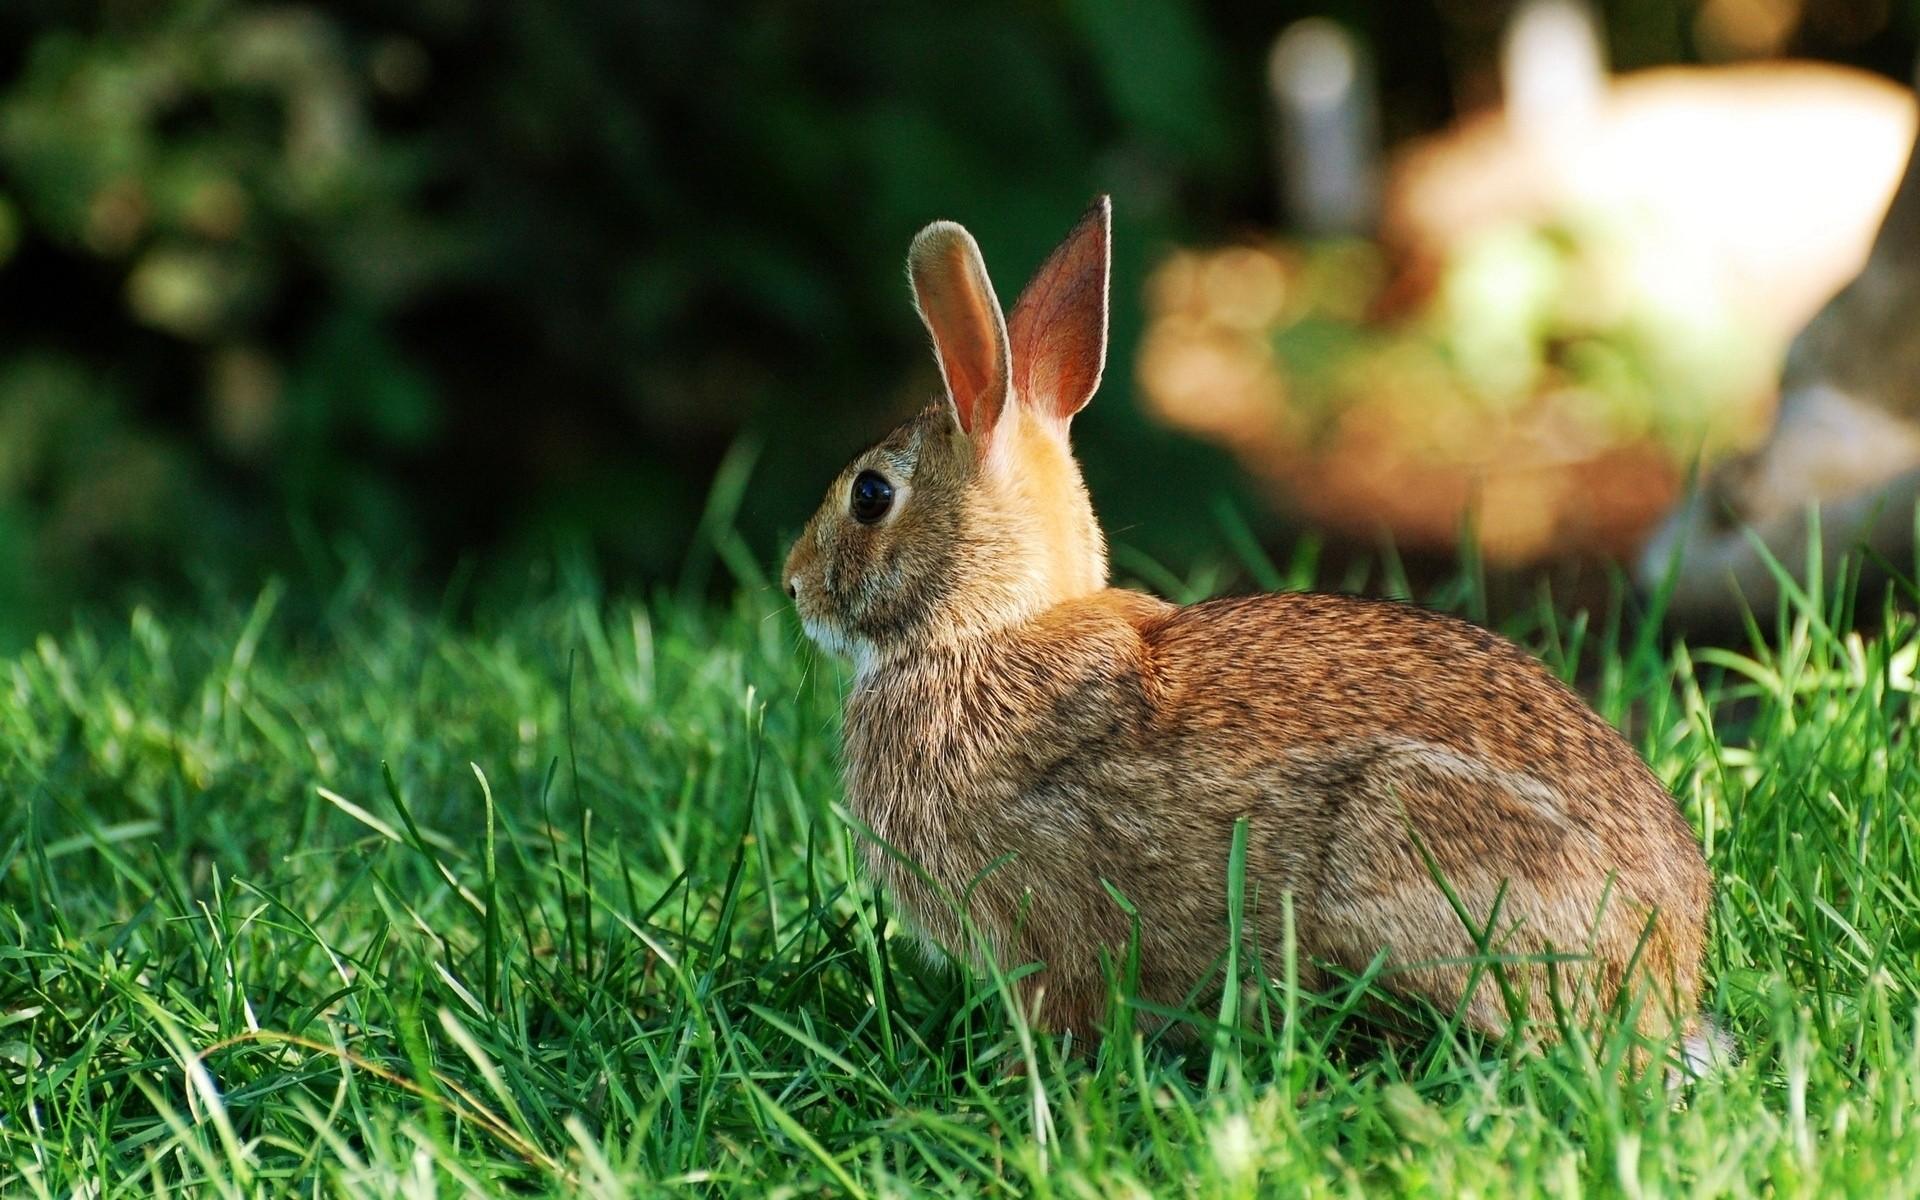 кролик трава  № 1964045 бесплатно